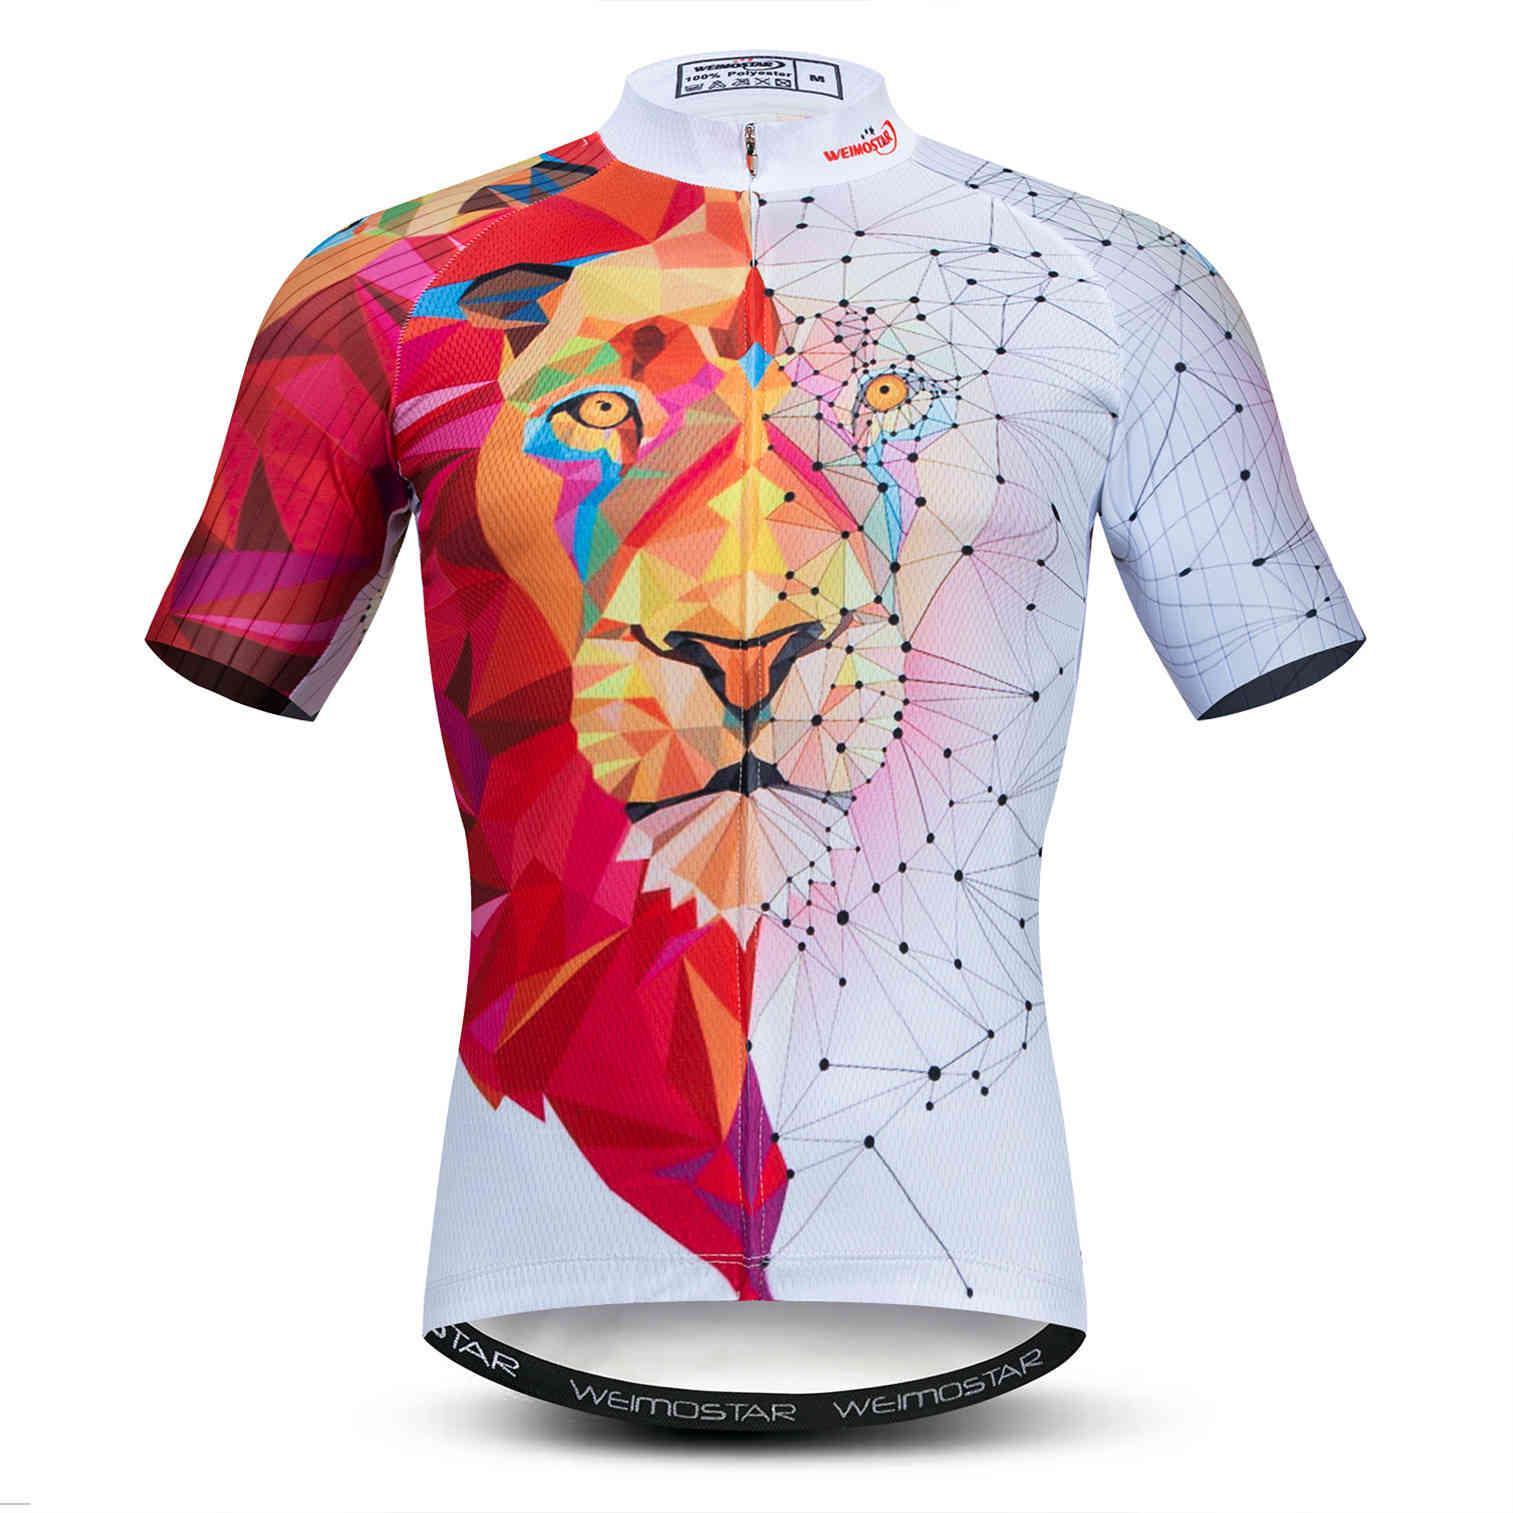 2021Scycling Jersey Men Bike Mountain MTB рубашка MTB Maillot Ciclismo Top Летняя дорога велосипедные гоночные одежды Открытый волк белый красный x0503